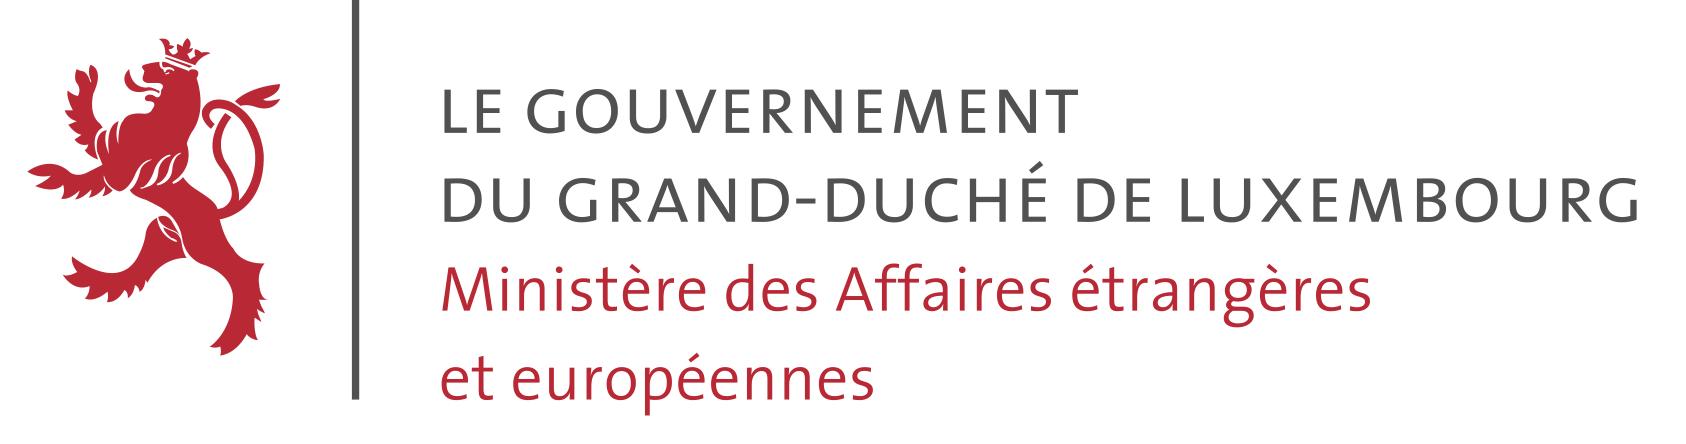 GOUV_MAEE_Ministère_des_Affaires_étrangères__et_européennes_Rouge.jpg